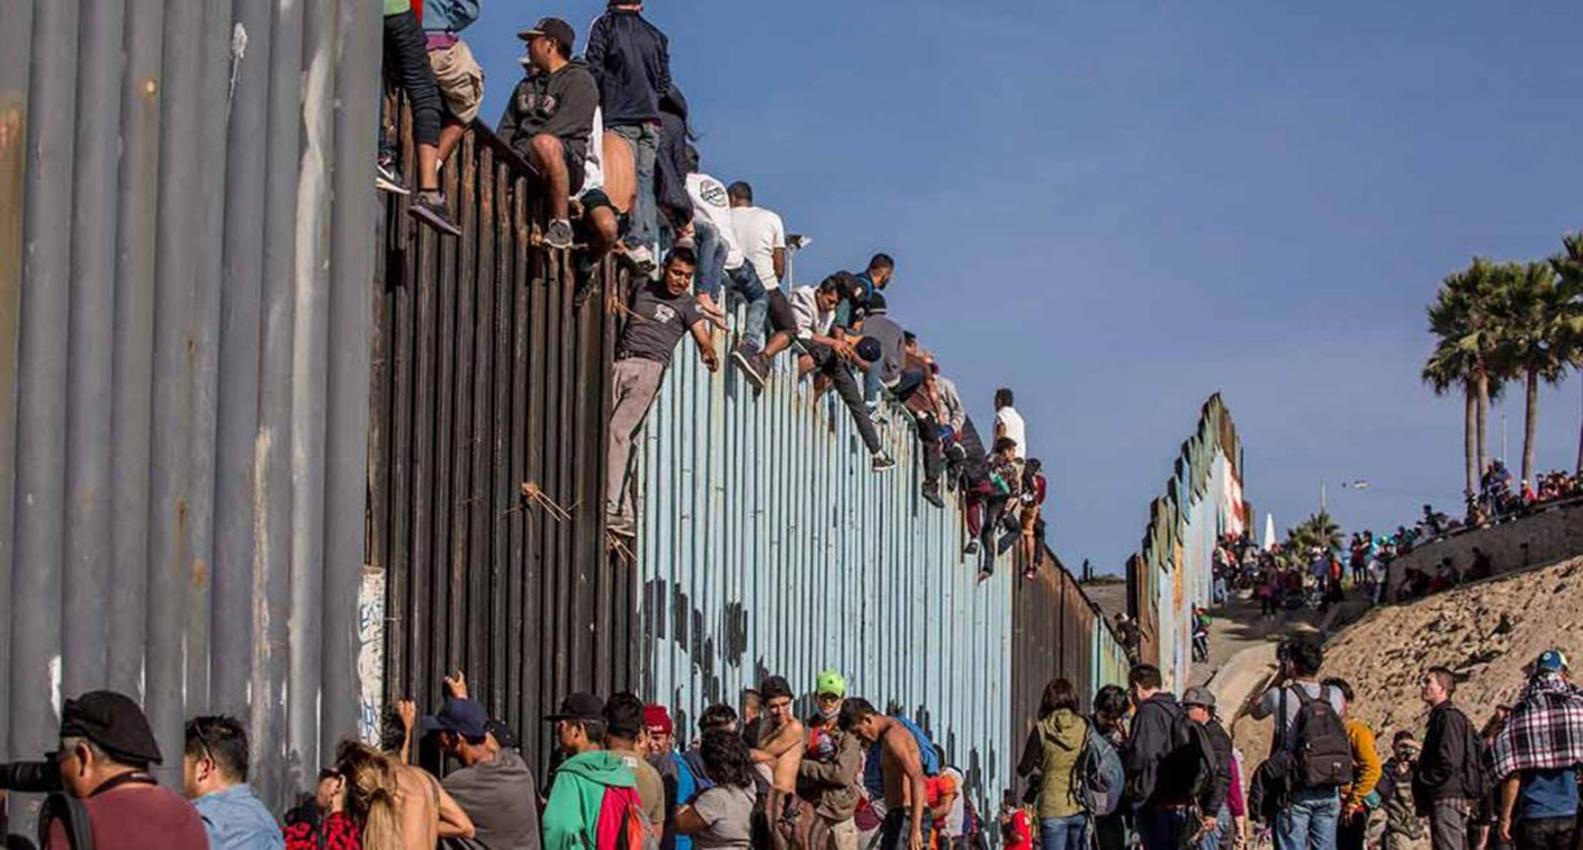 Tráfico de migrantes de México a EEUU Foto con fines ilustrativos